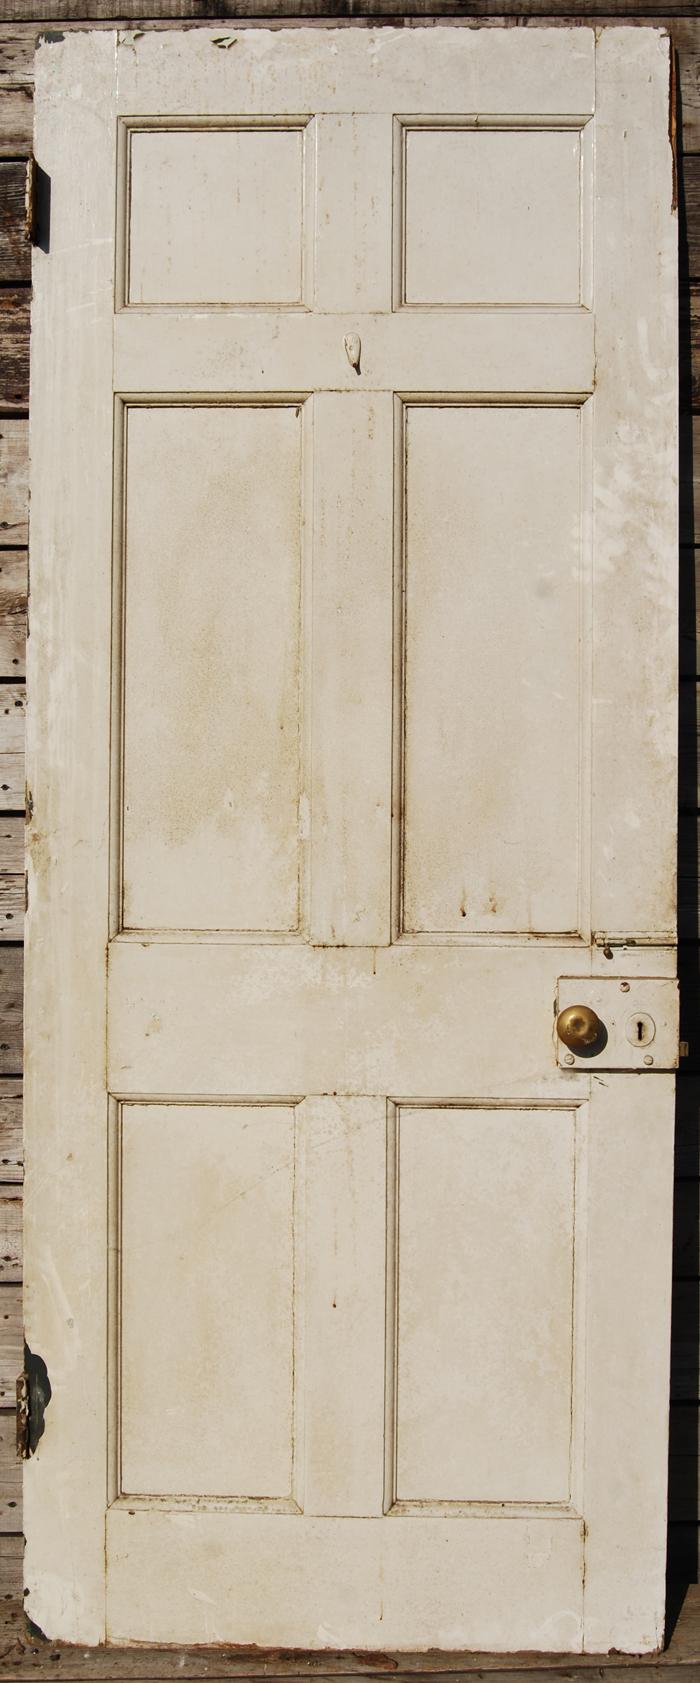 A panelled hardwood door